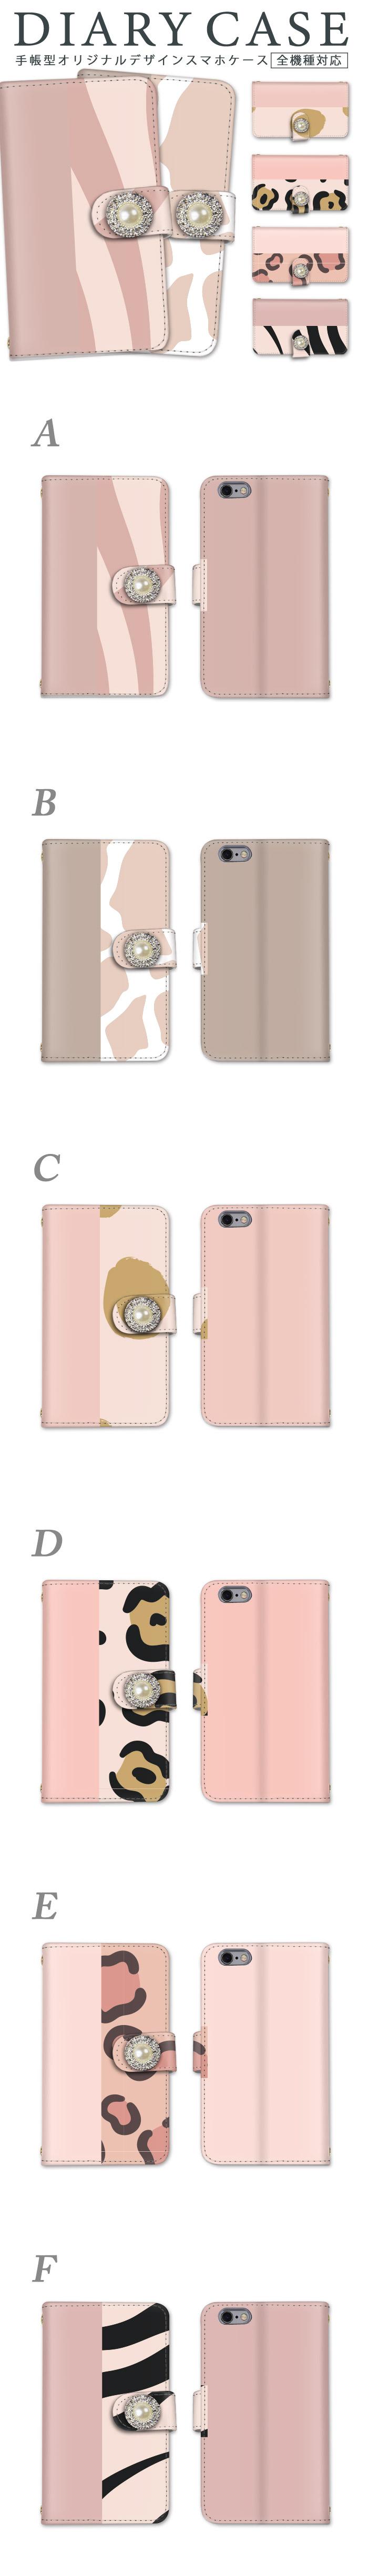 スマホケース 手帳型 全機種対応 iPhone7 ケース iPhone7Plus ケース iPhone6 ケース iPhone6s ケース フラワー デコレーション シンプル 可愛い 花柄 パステル デコ Xperia XZ Xperia Z5 SO-01J SO-02J SOV34 601SO